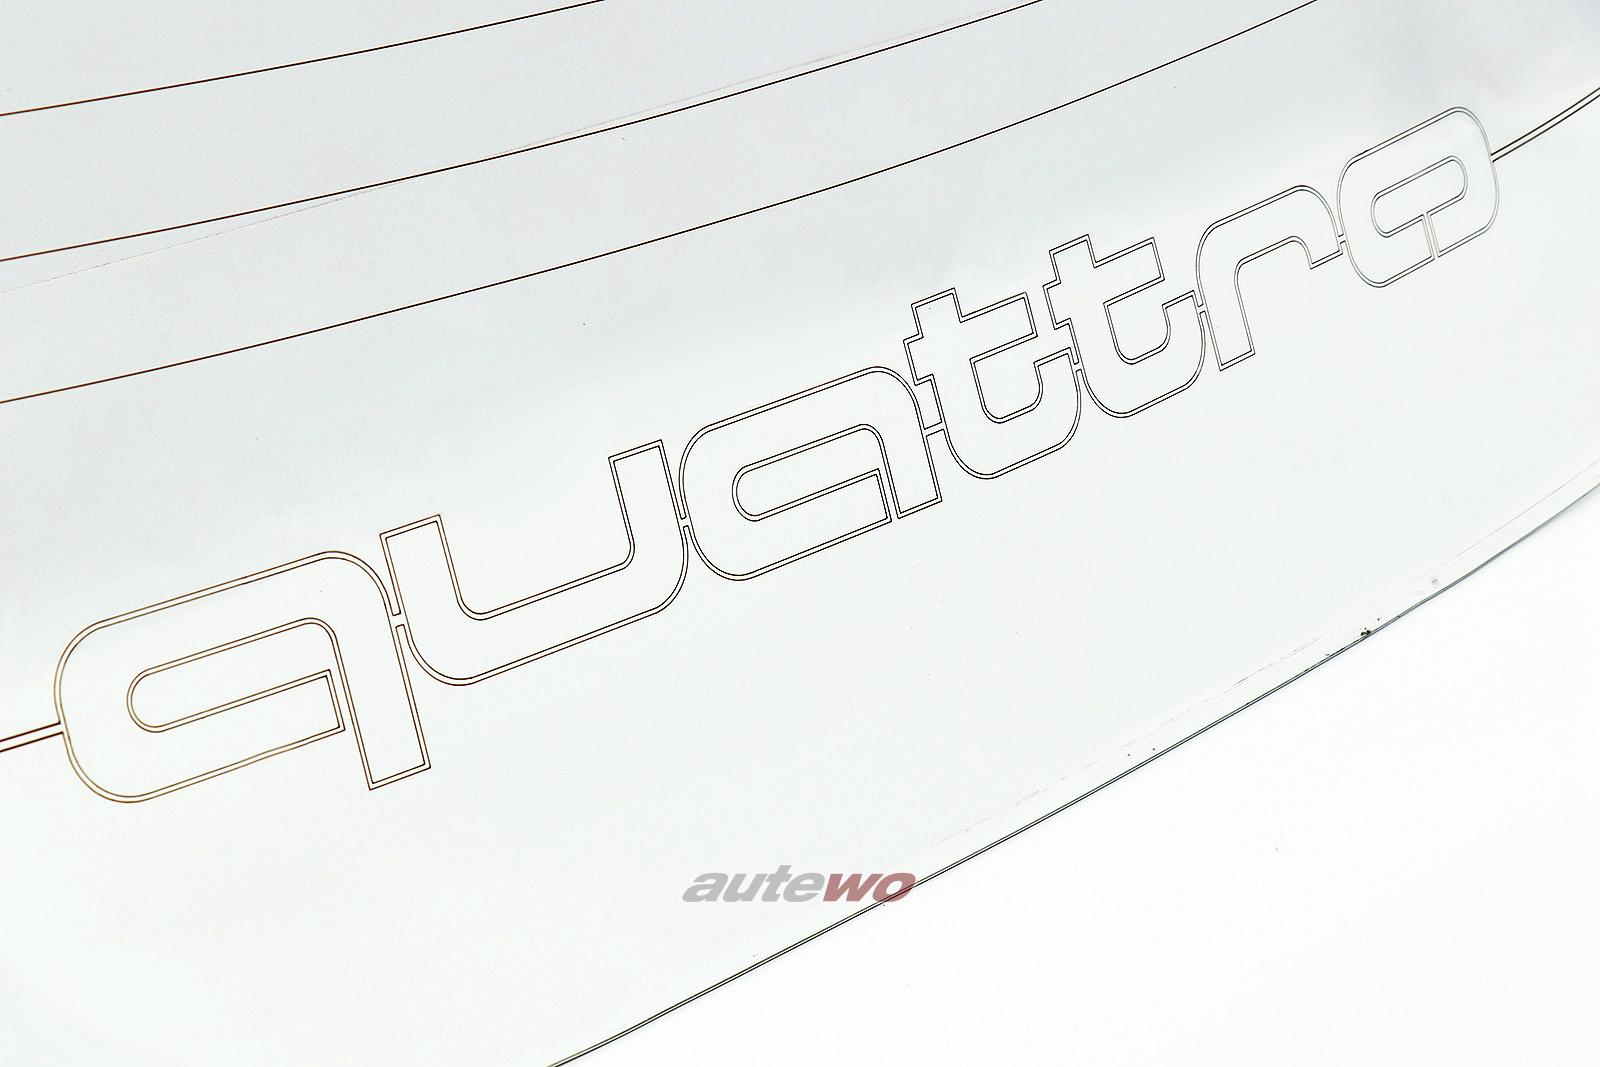 853845501 Audi 80/90 Typ 81/85 Limousine Heckscheibe Quattro-Schriftzug klar